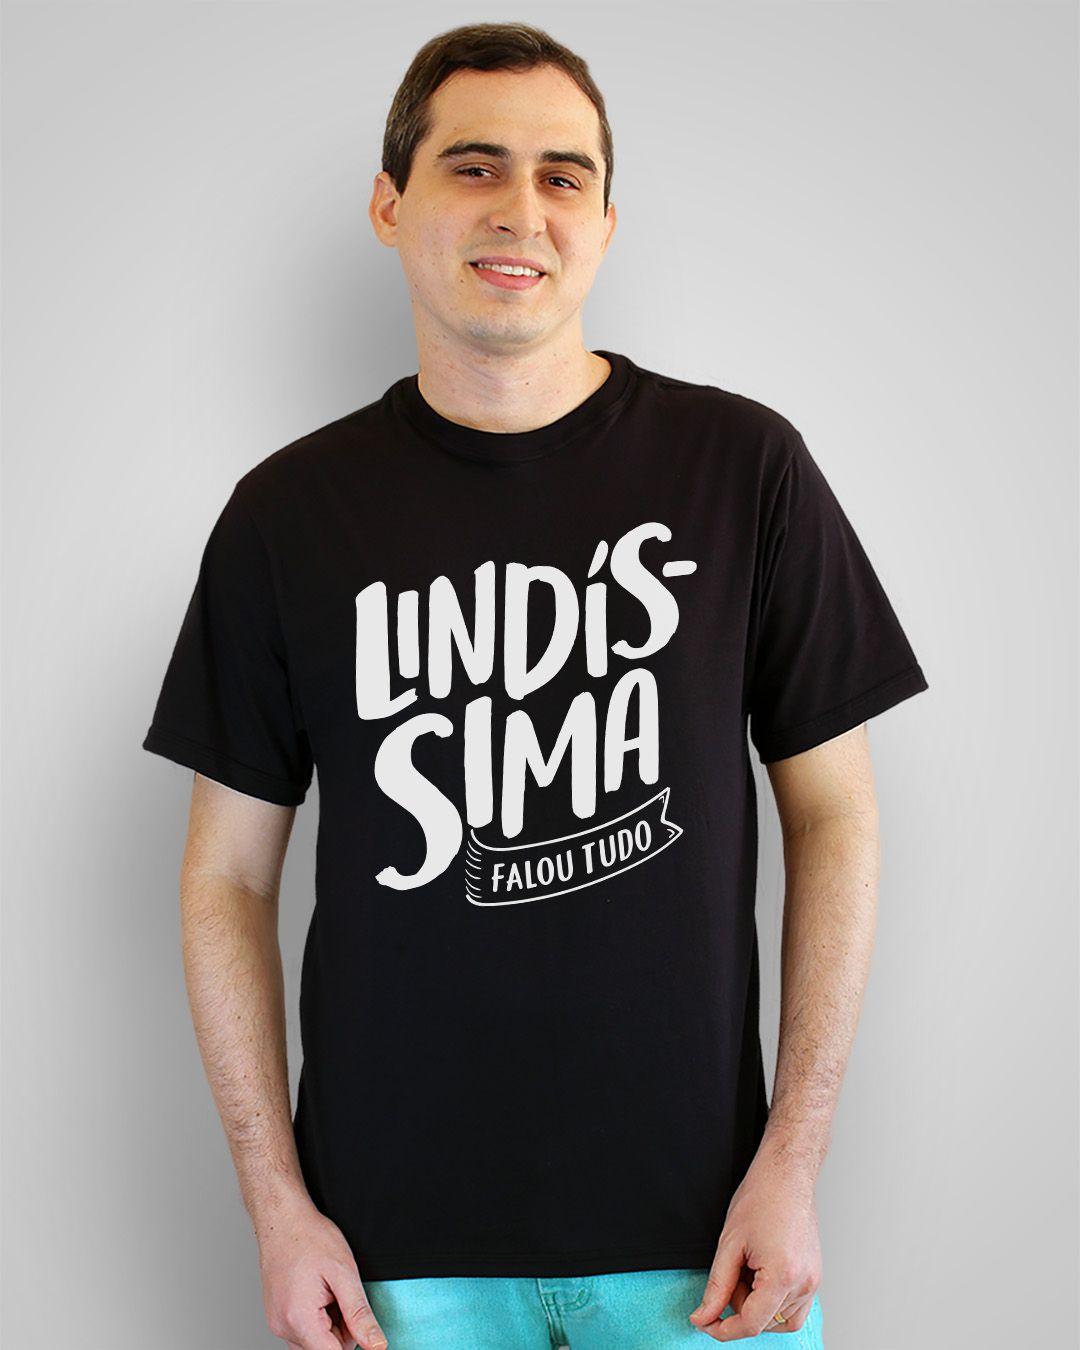 Camiseta Lindíssima, falou tudo